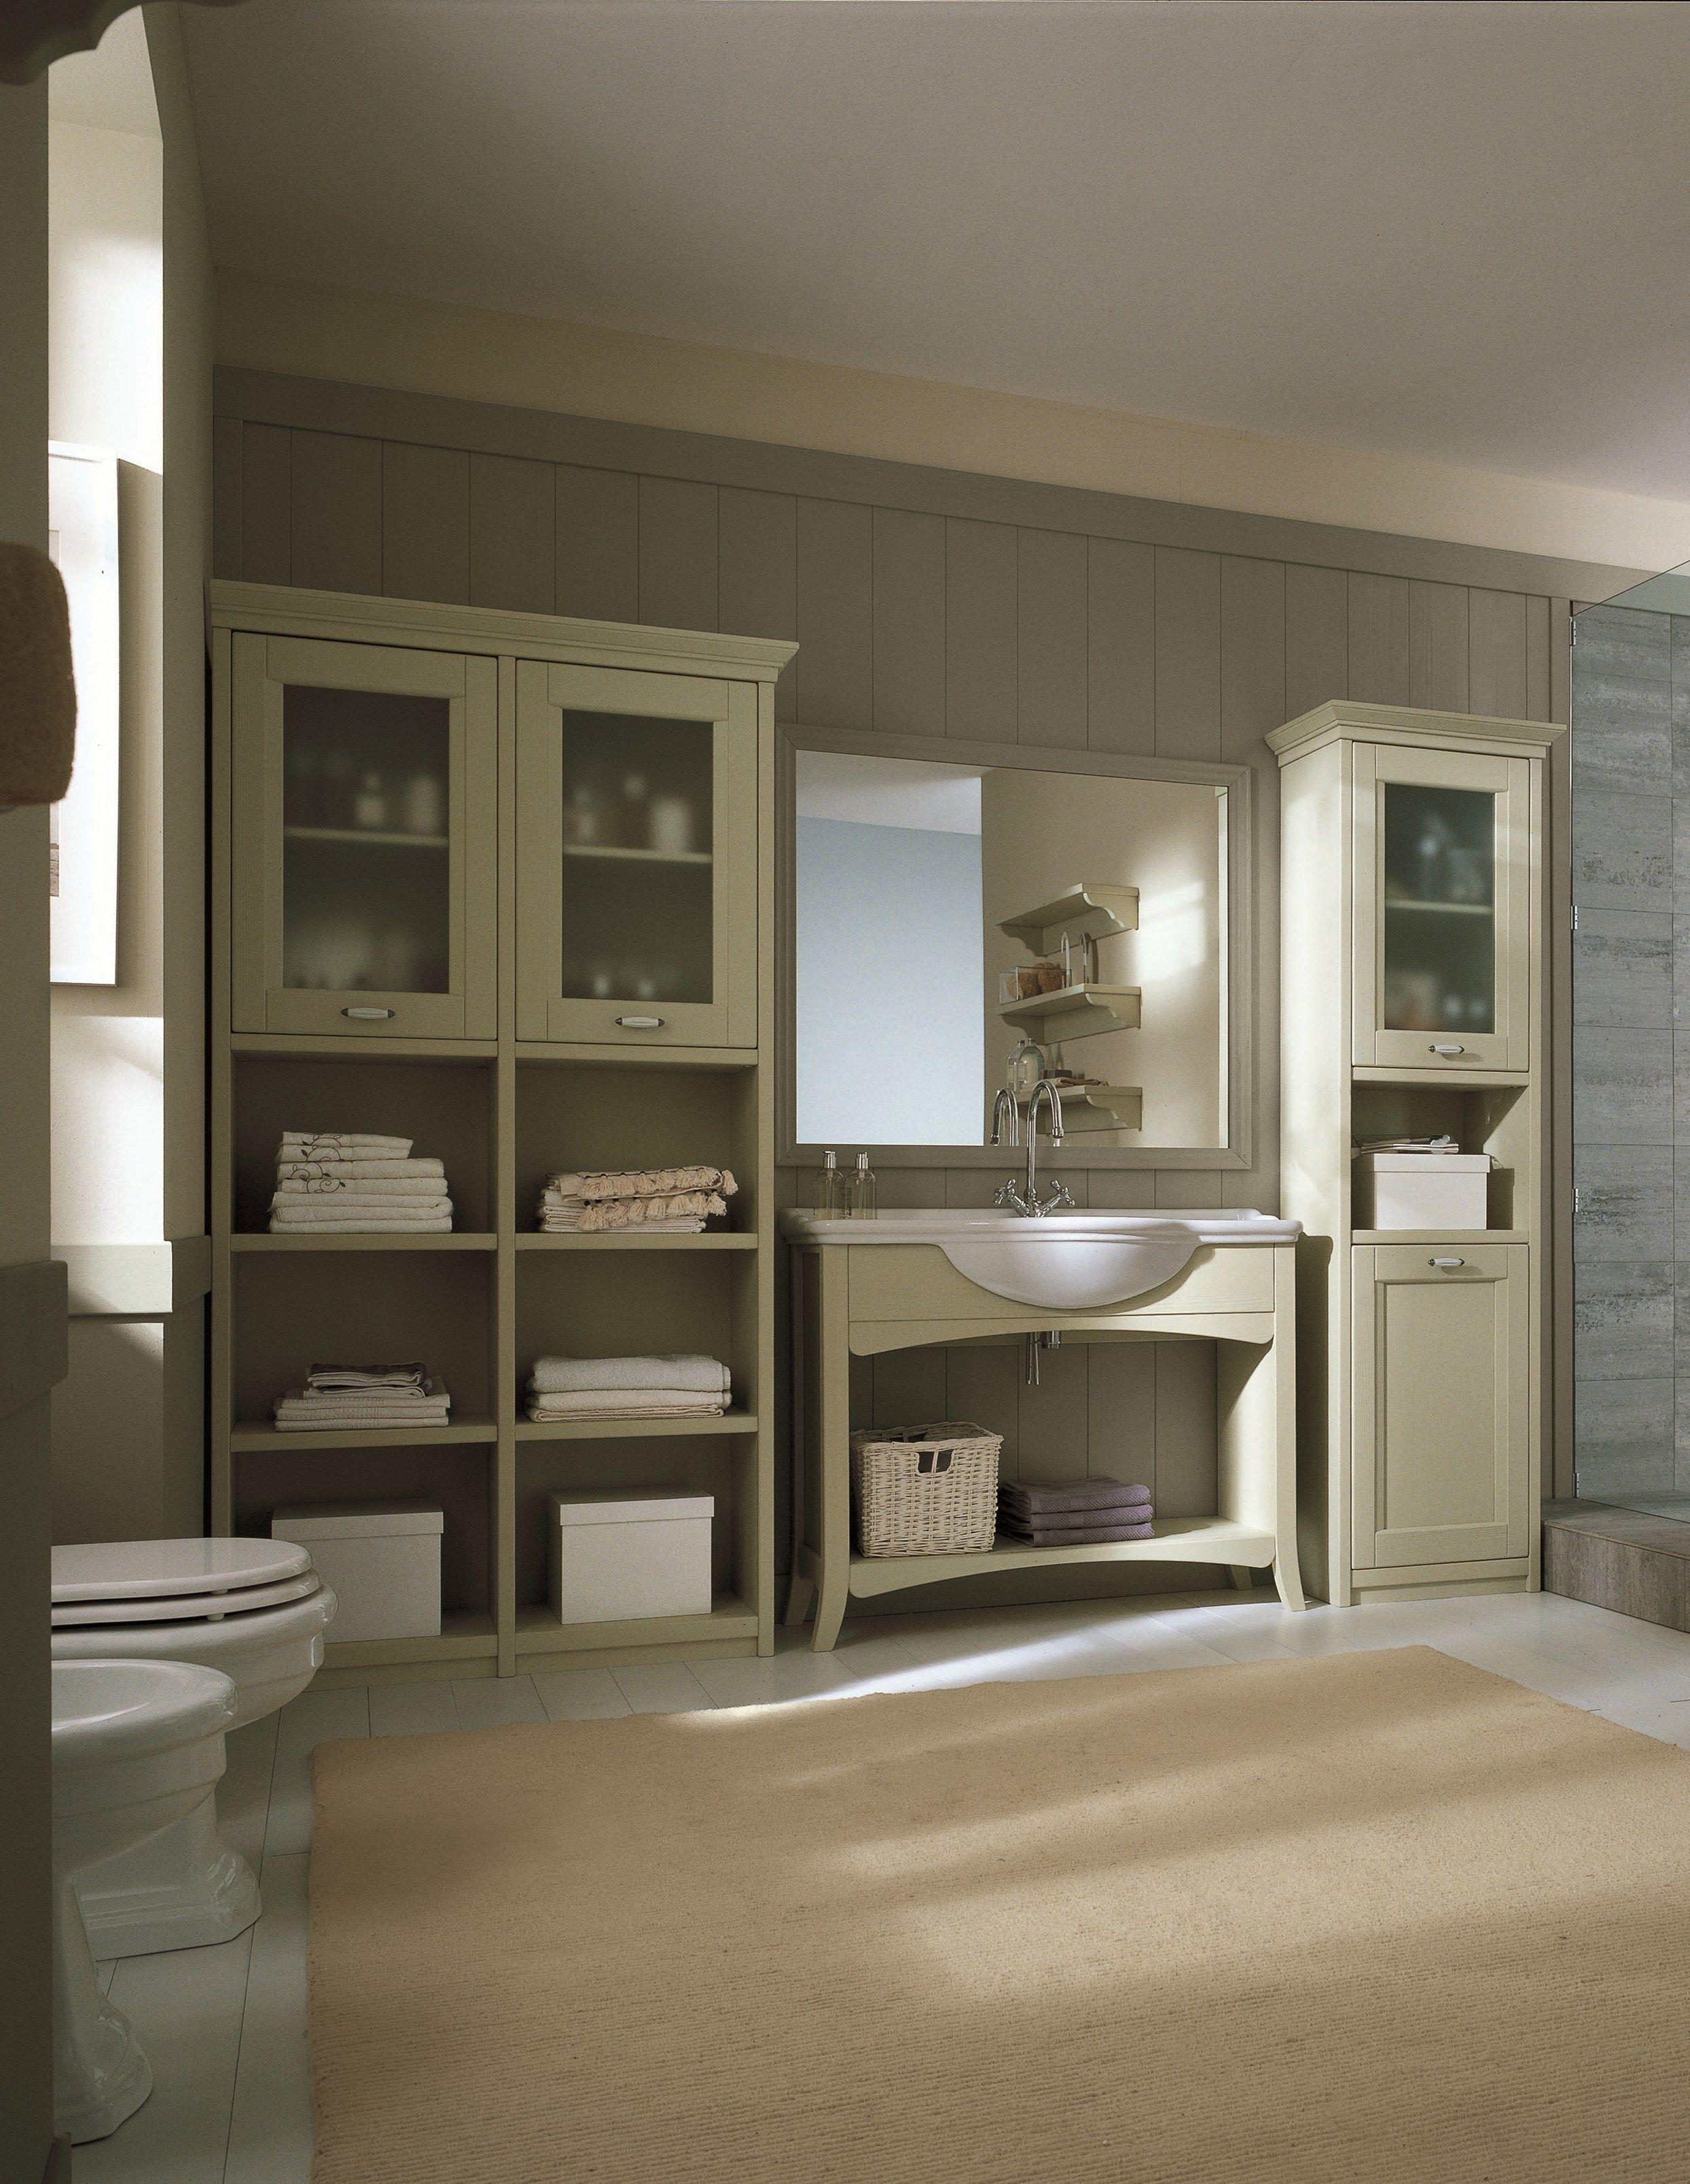 Specchio a parete by scandola mobili - Parete a specchio ...